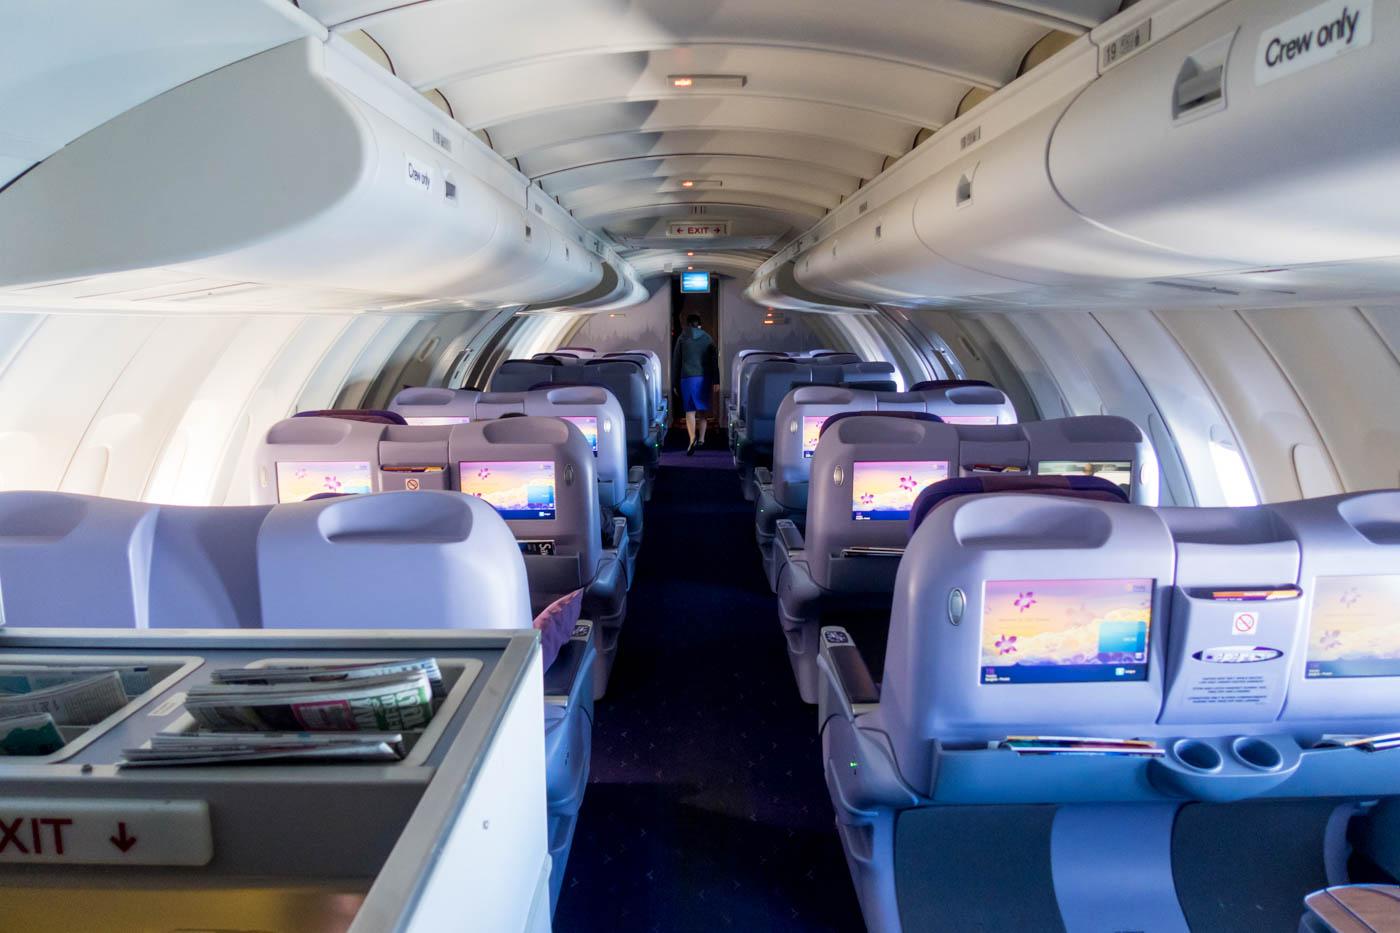 Thai Airways Boeing 747-400 Upper Deck